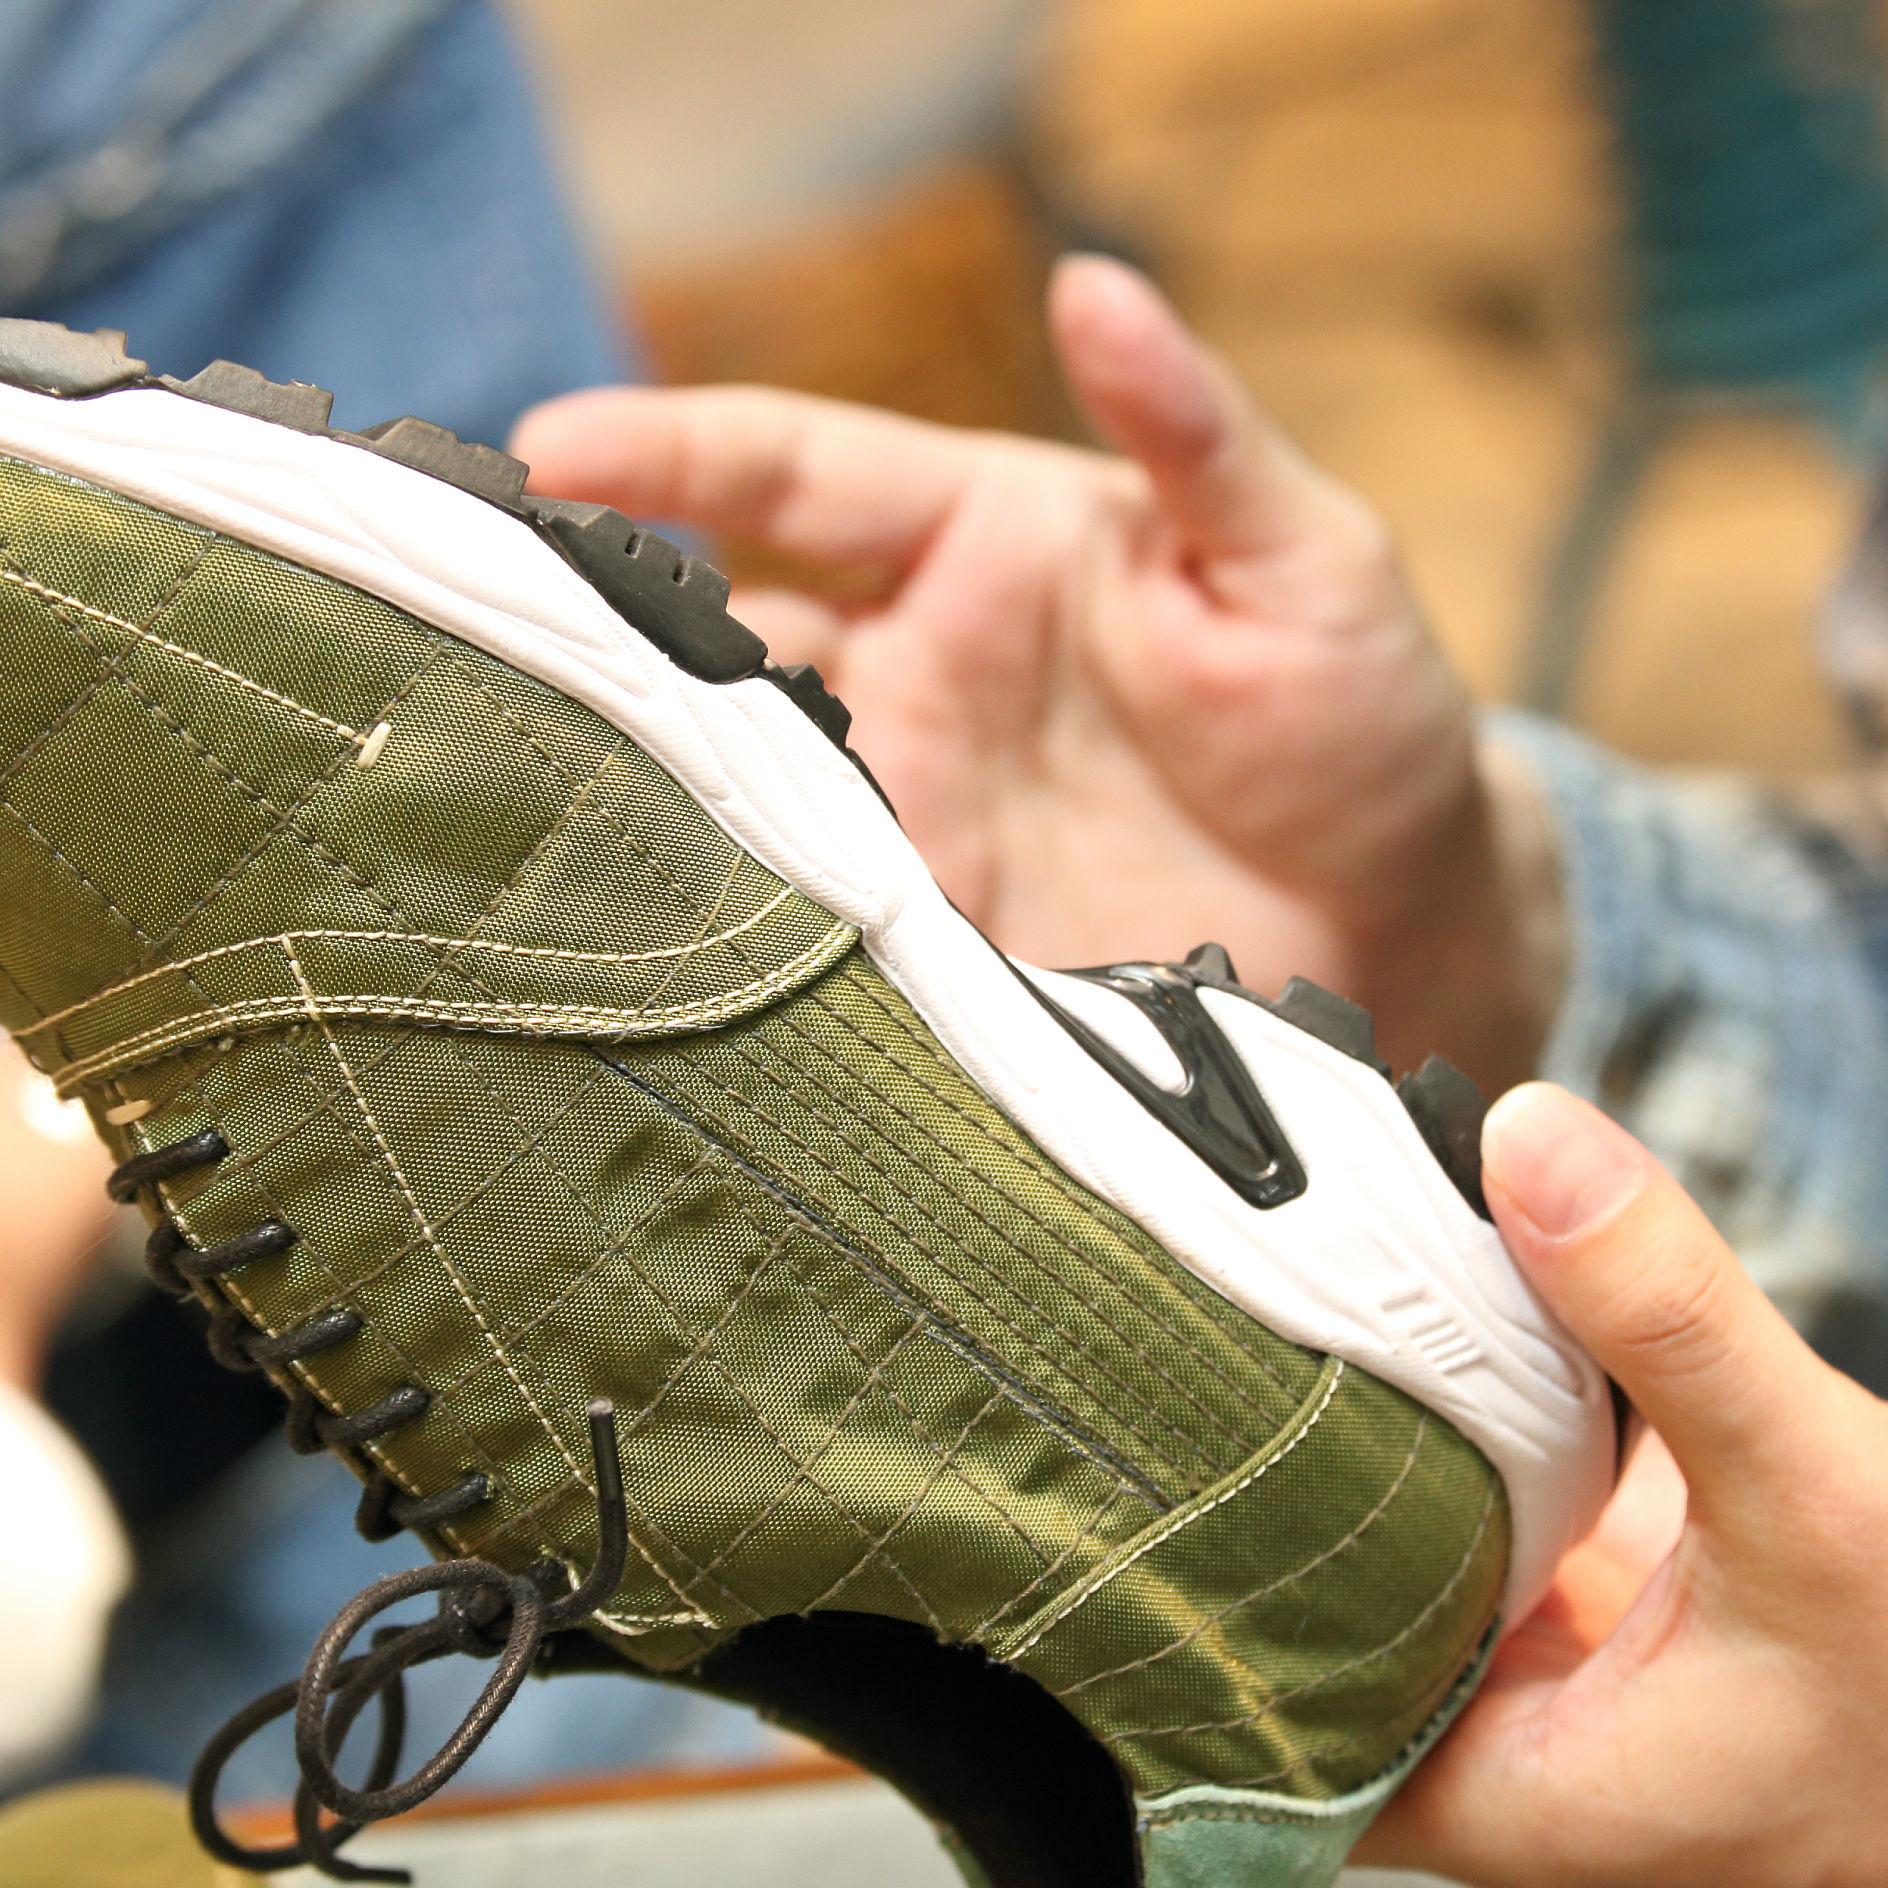 「裏返して見たくなる靴って、あまりないですよね」<br />〈ボナム〉の貴重なデッドストック生地を駆使したスニーカーのコト